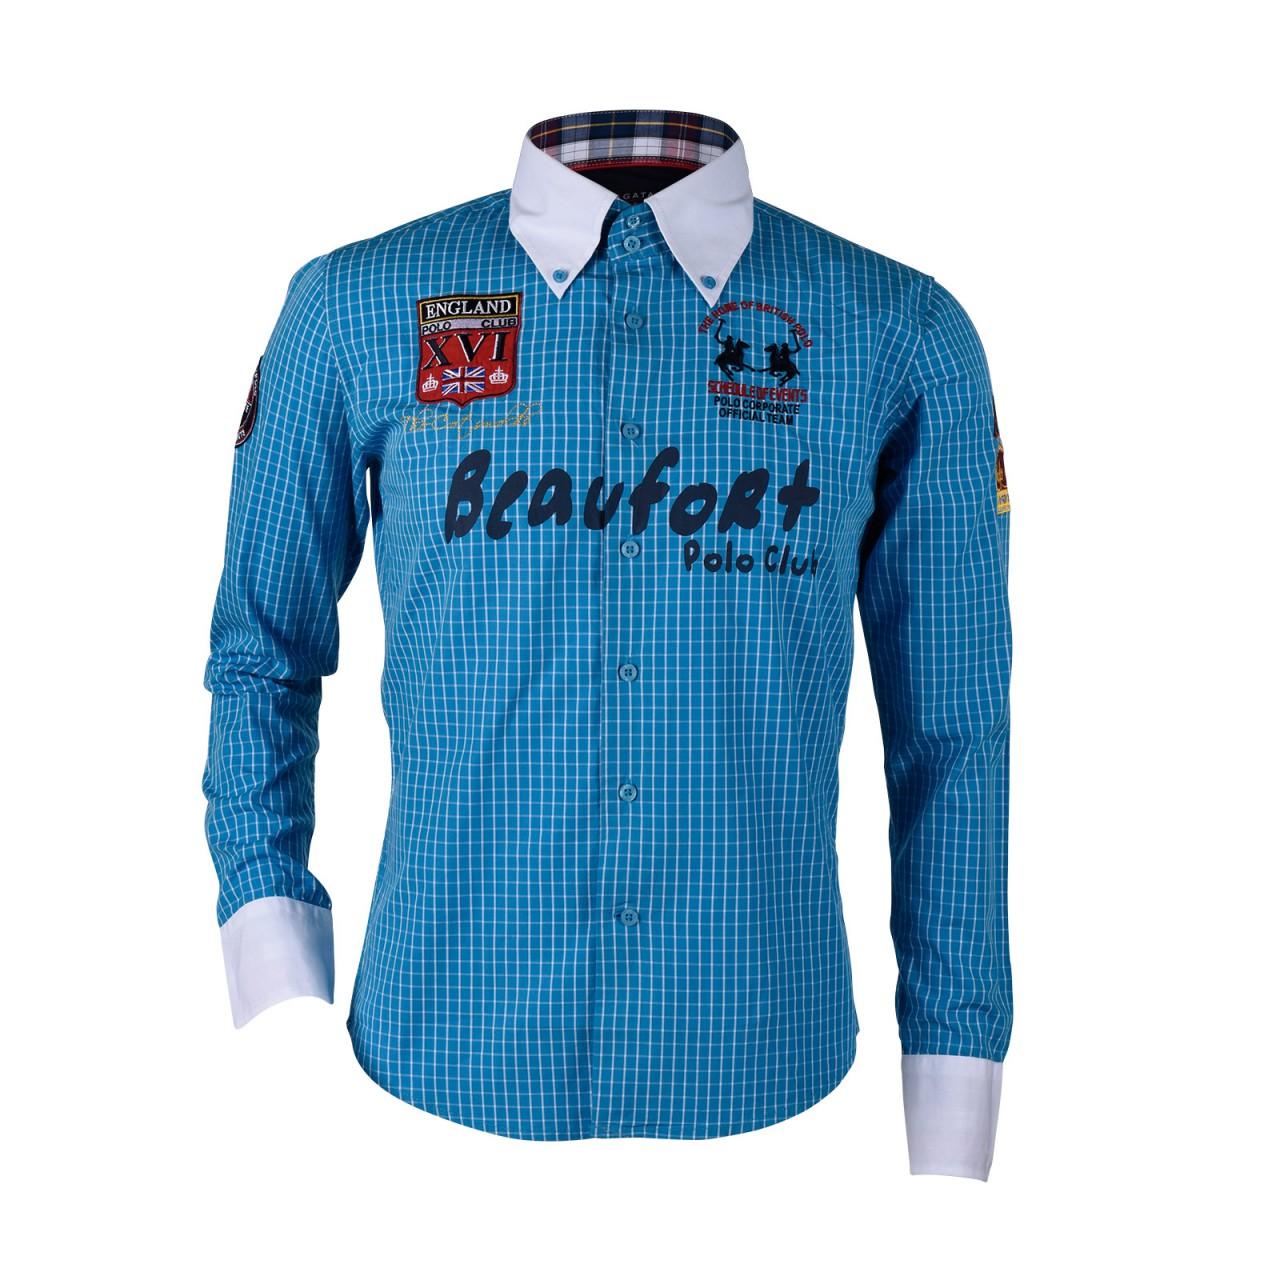 Mens button down shirt polo club for Mens button down shirts